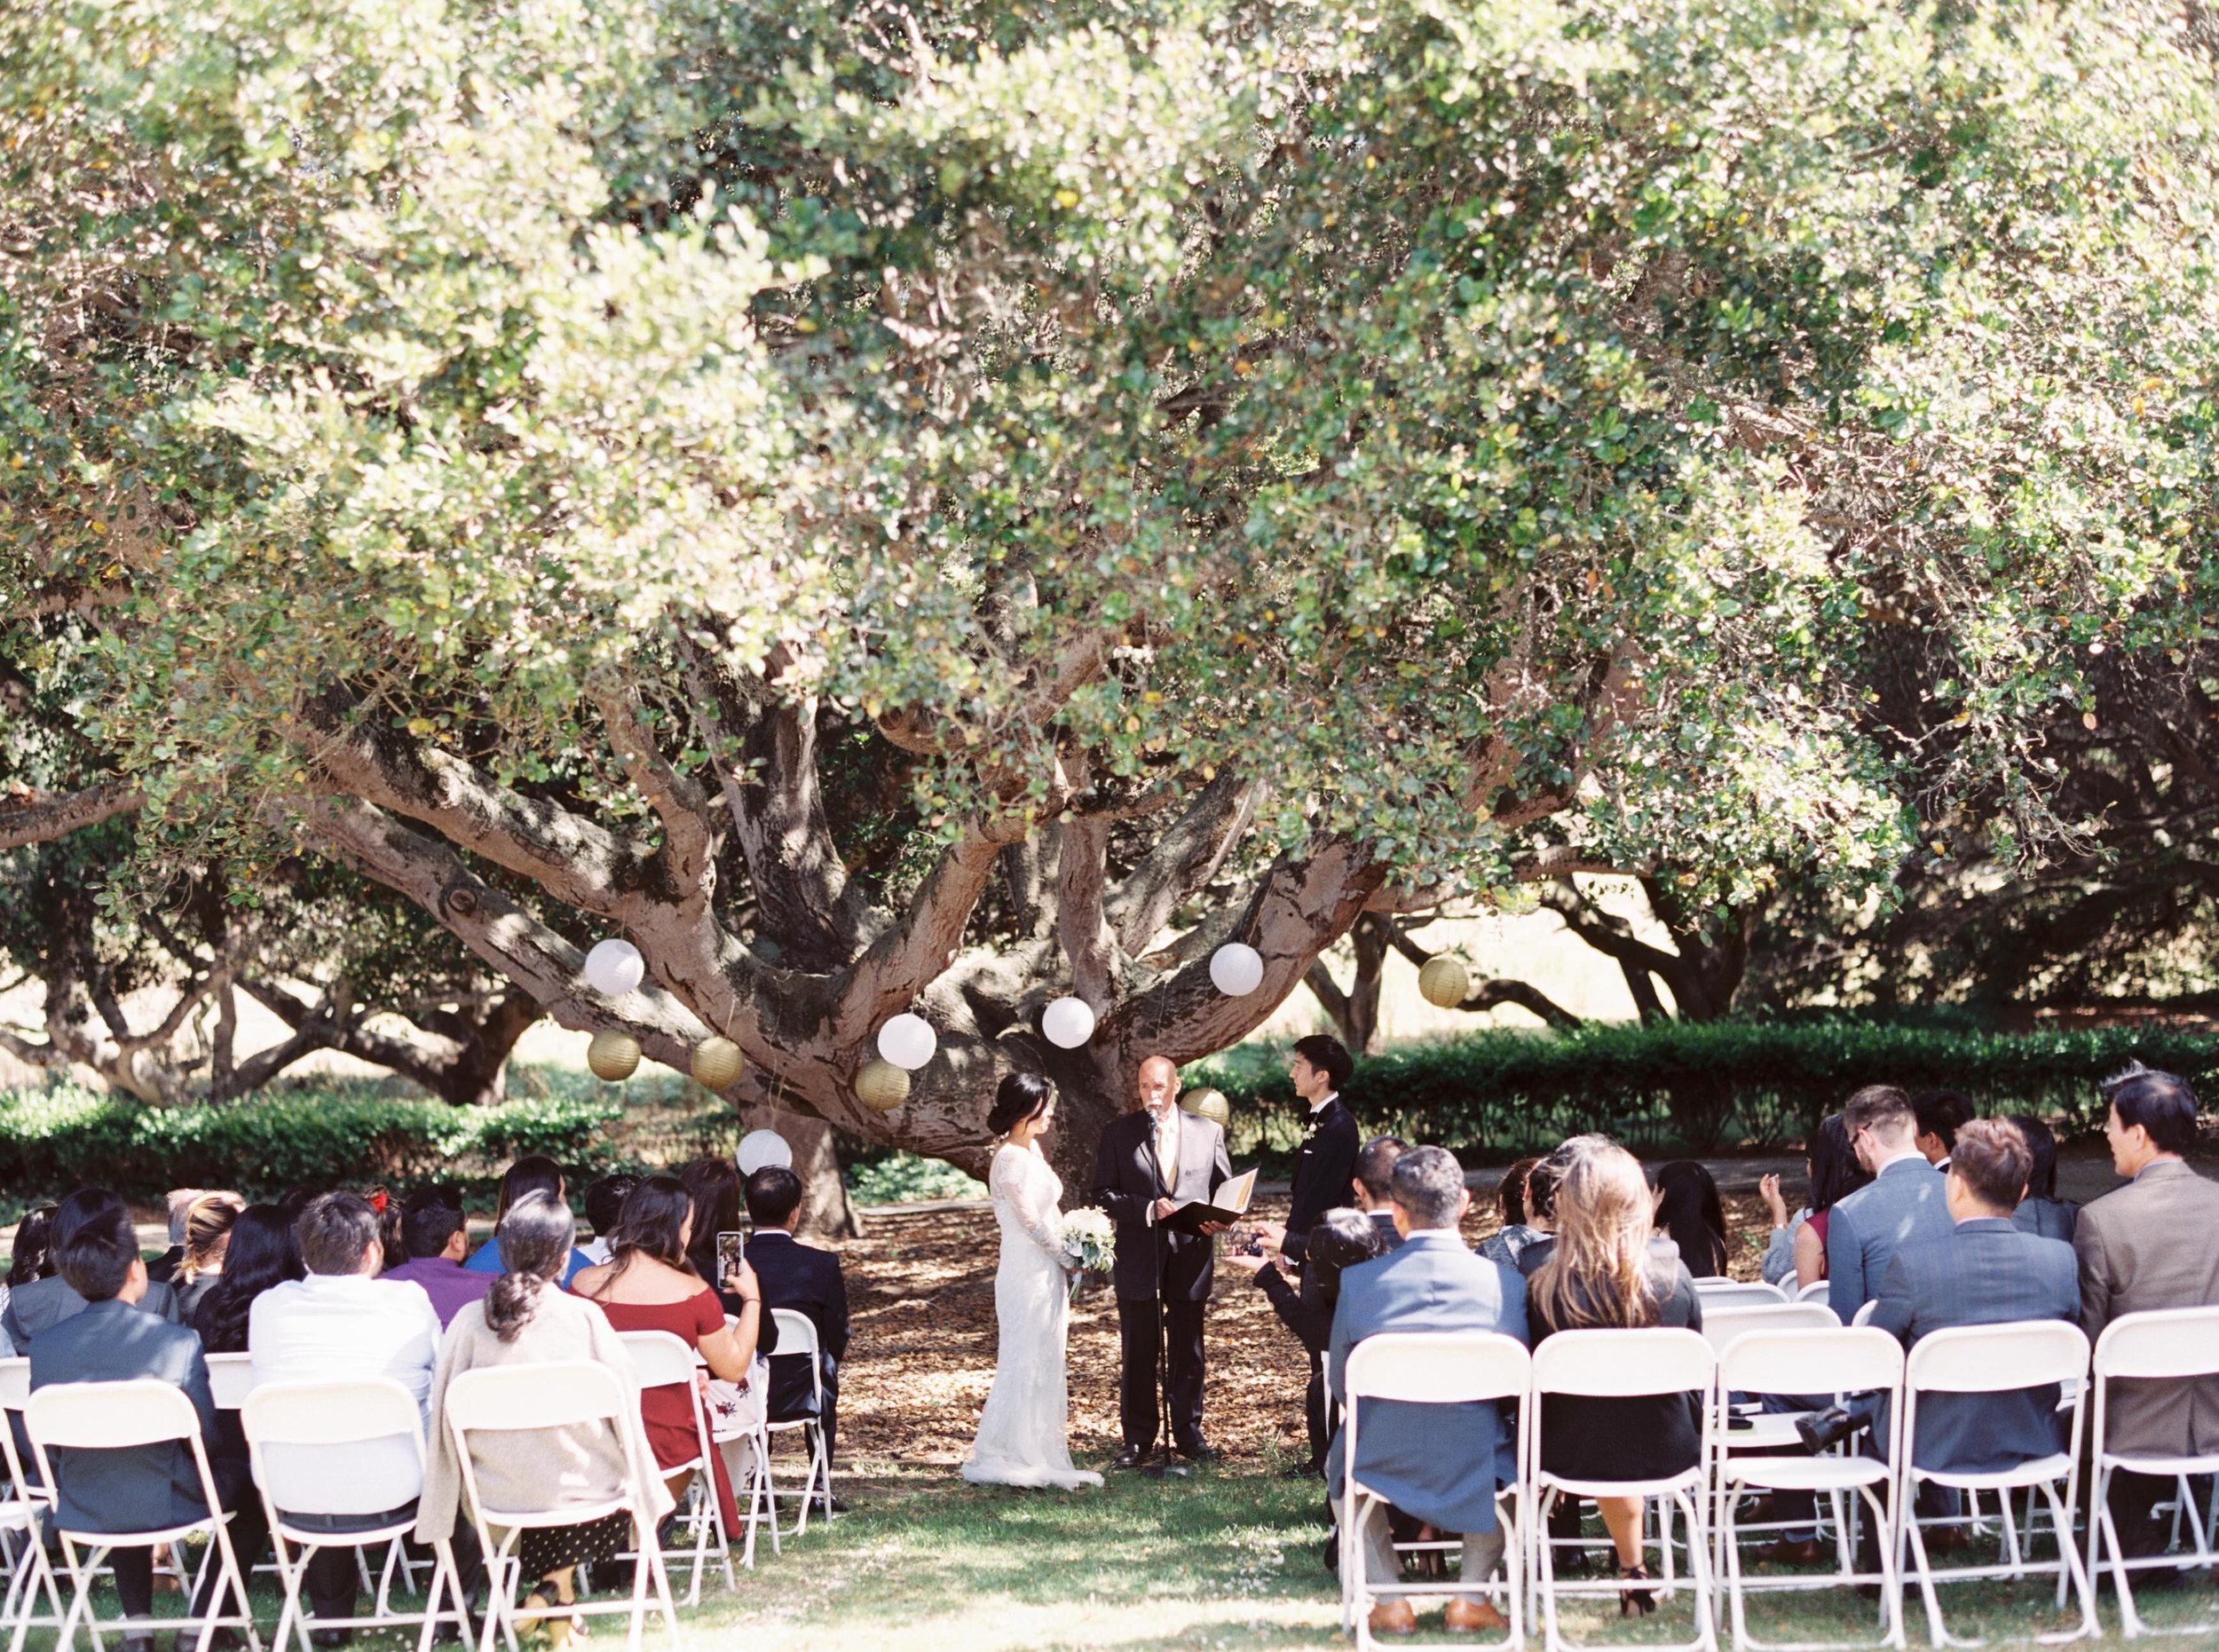 carmel-wedding-at-wedgewood-carmel-california-39.jpg